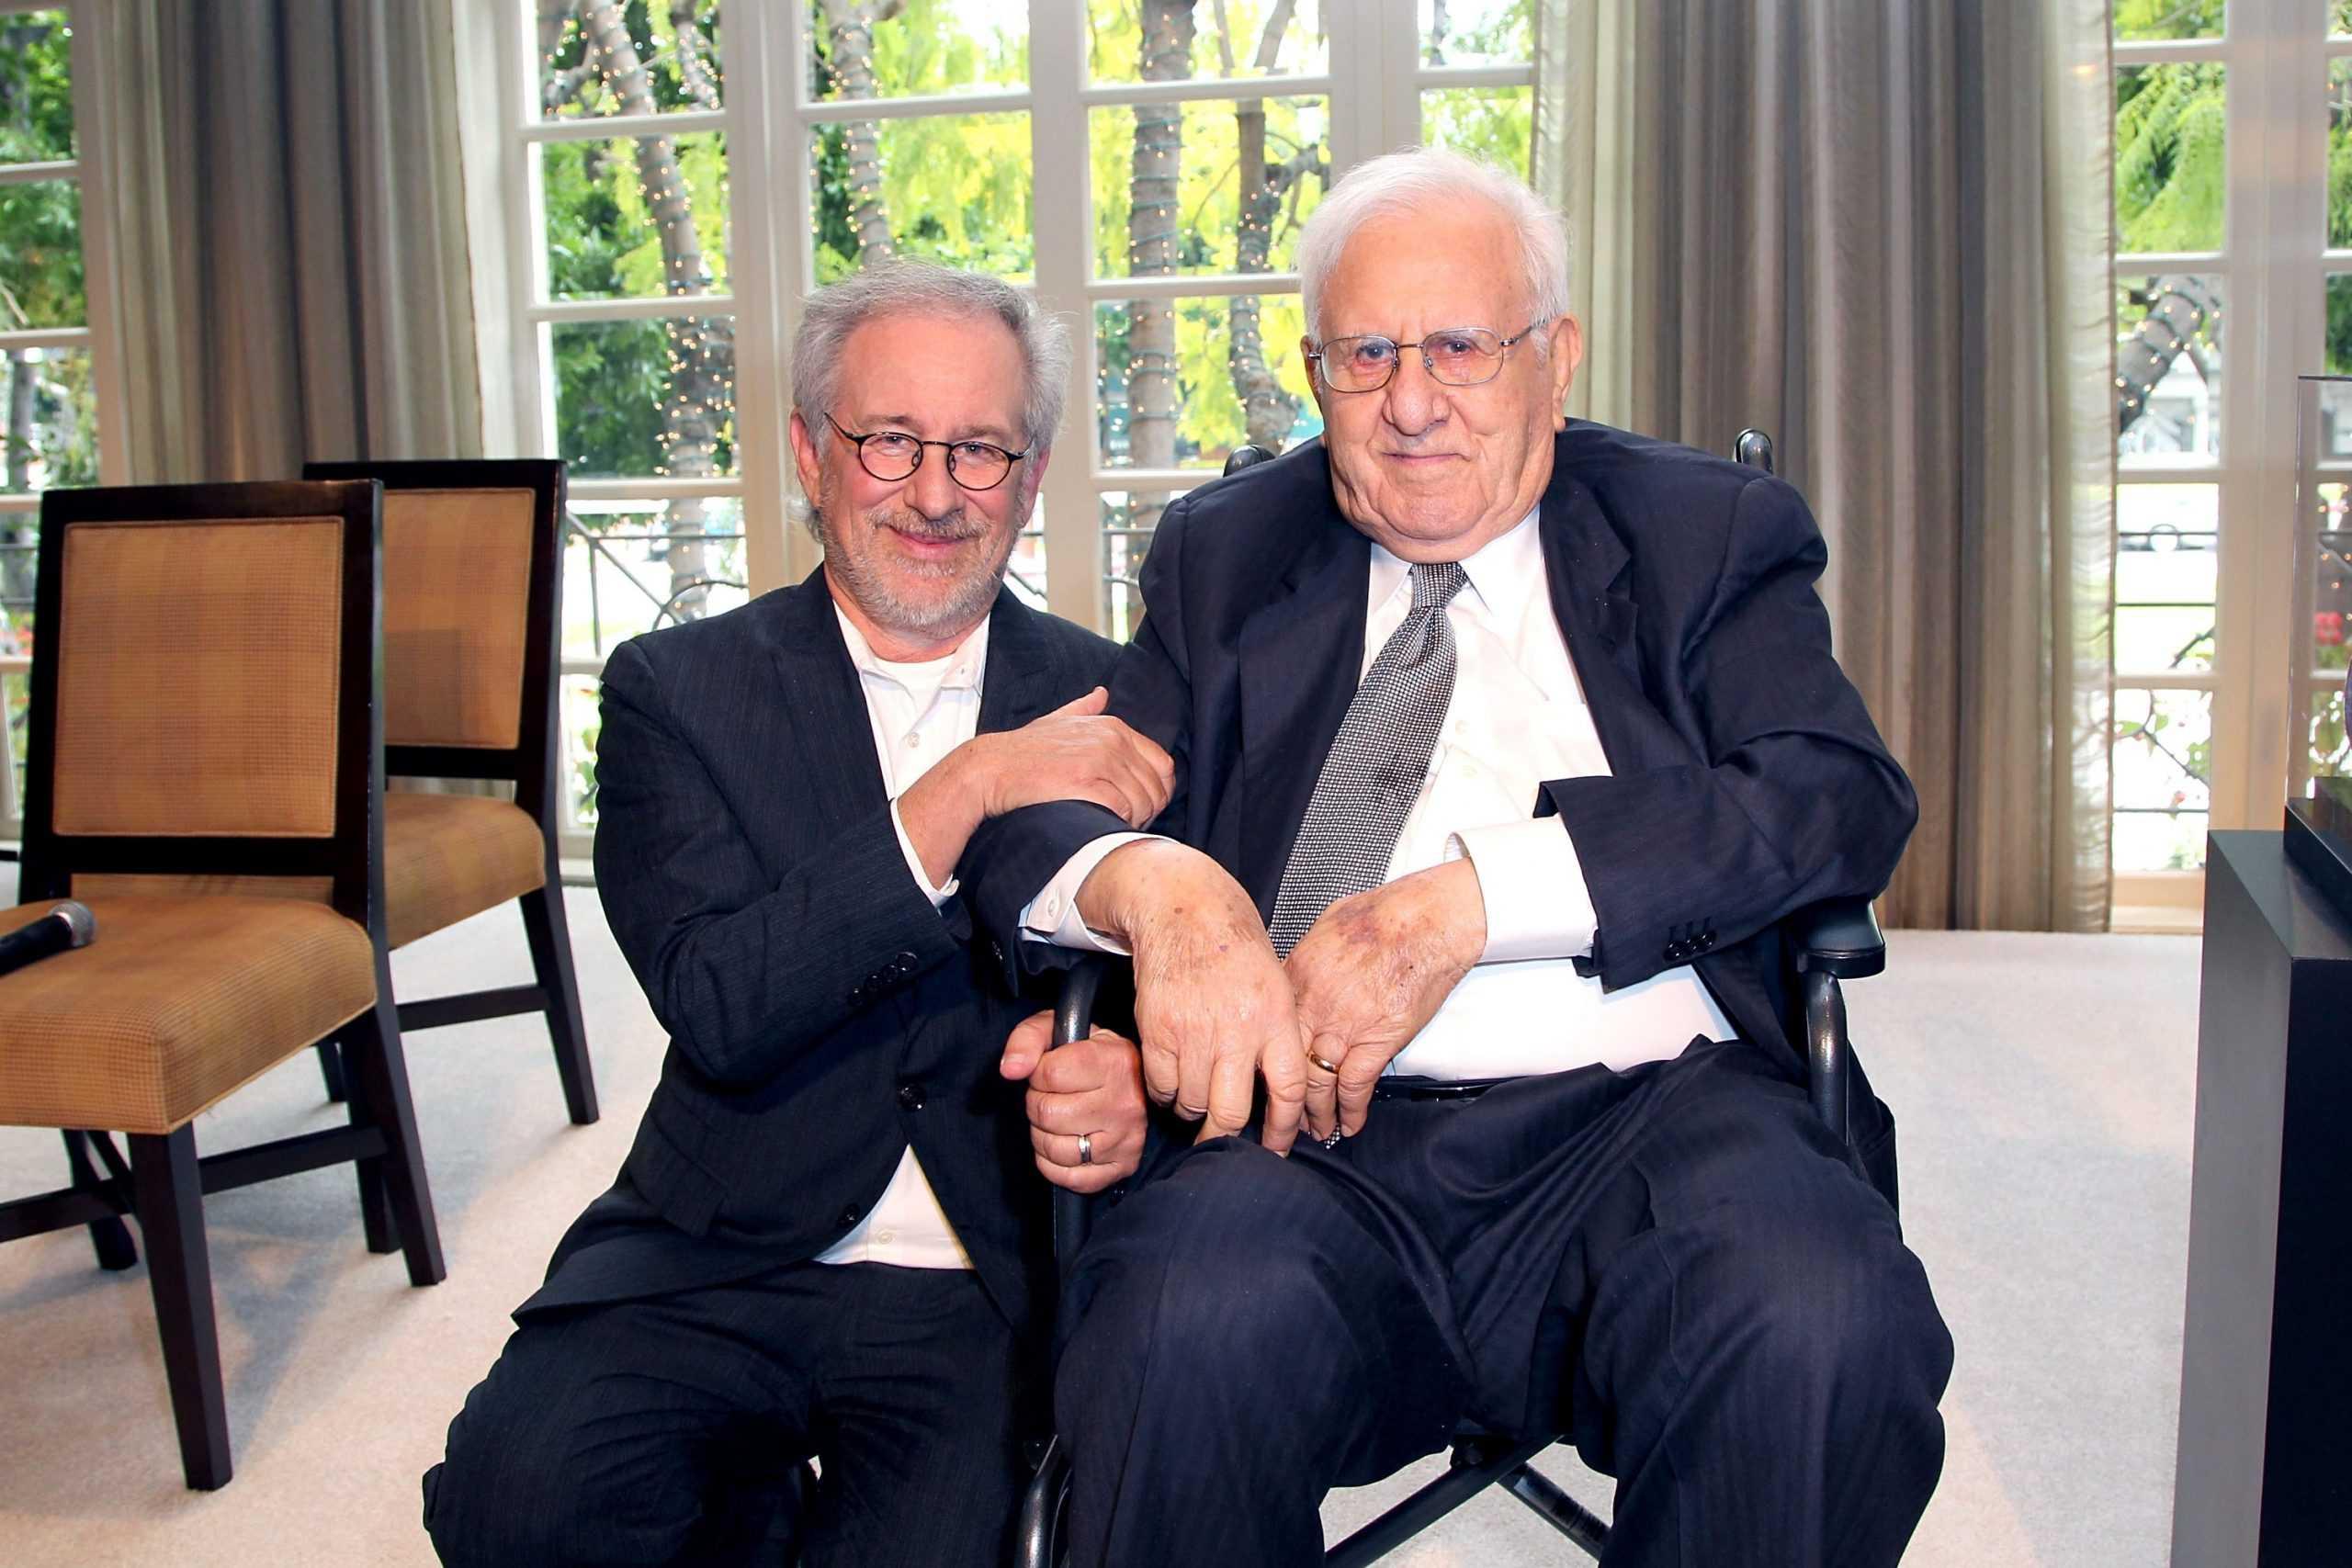 Steven e Arnold Spielberg - Foto: Reprodução